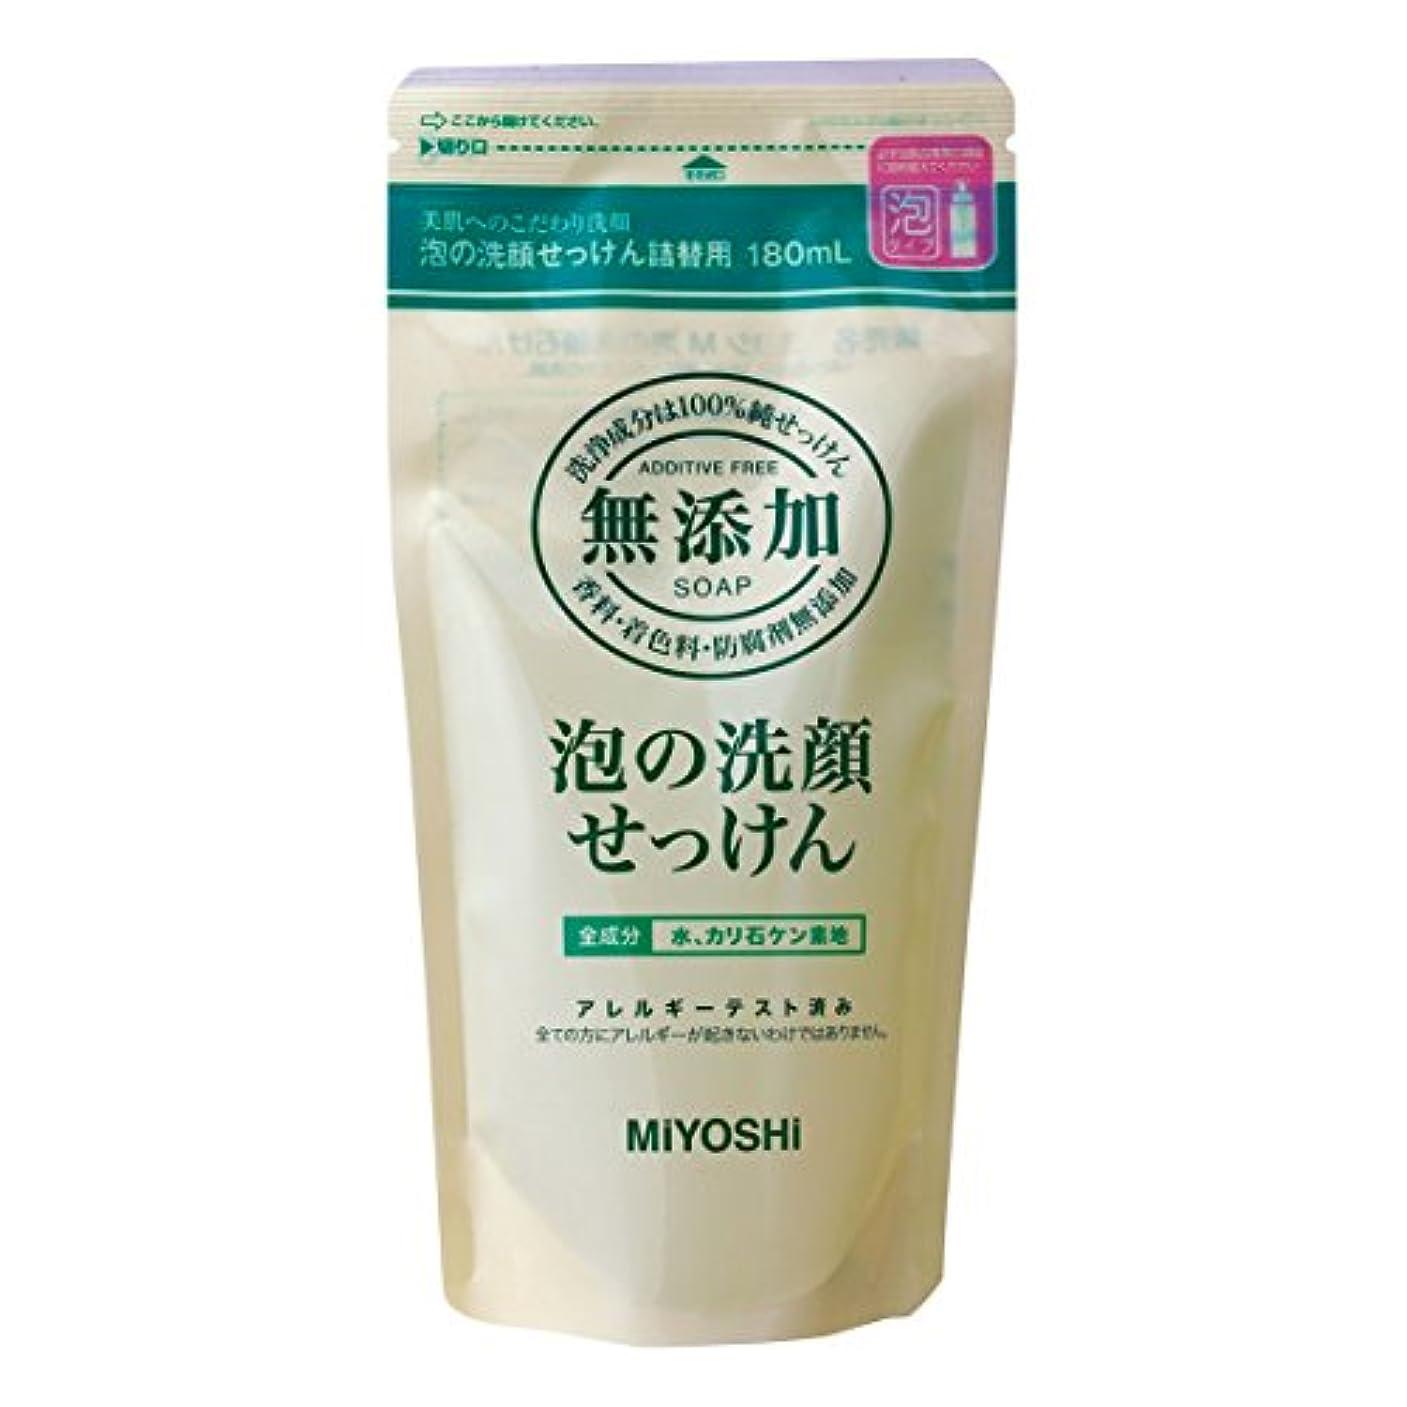 クリップ指定測る無添加泡の洗顔せっけん 詰替180ml